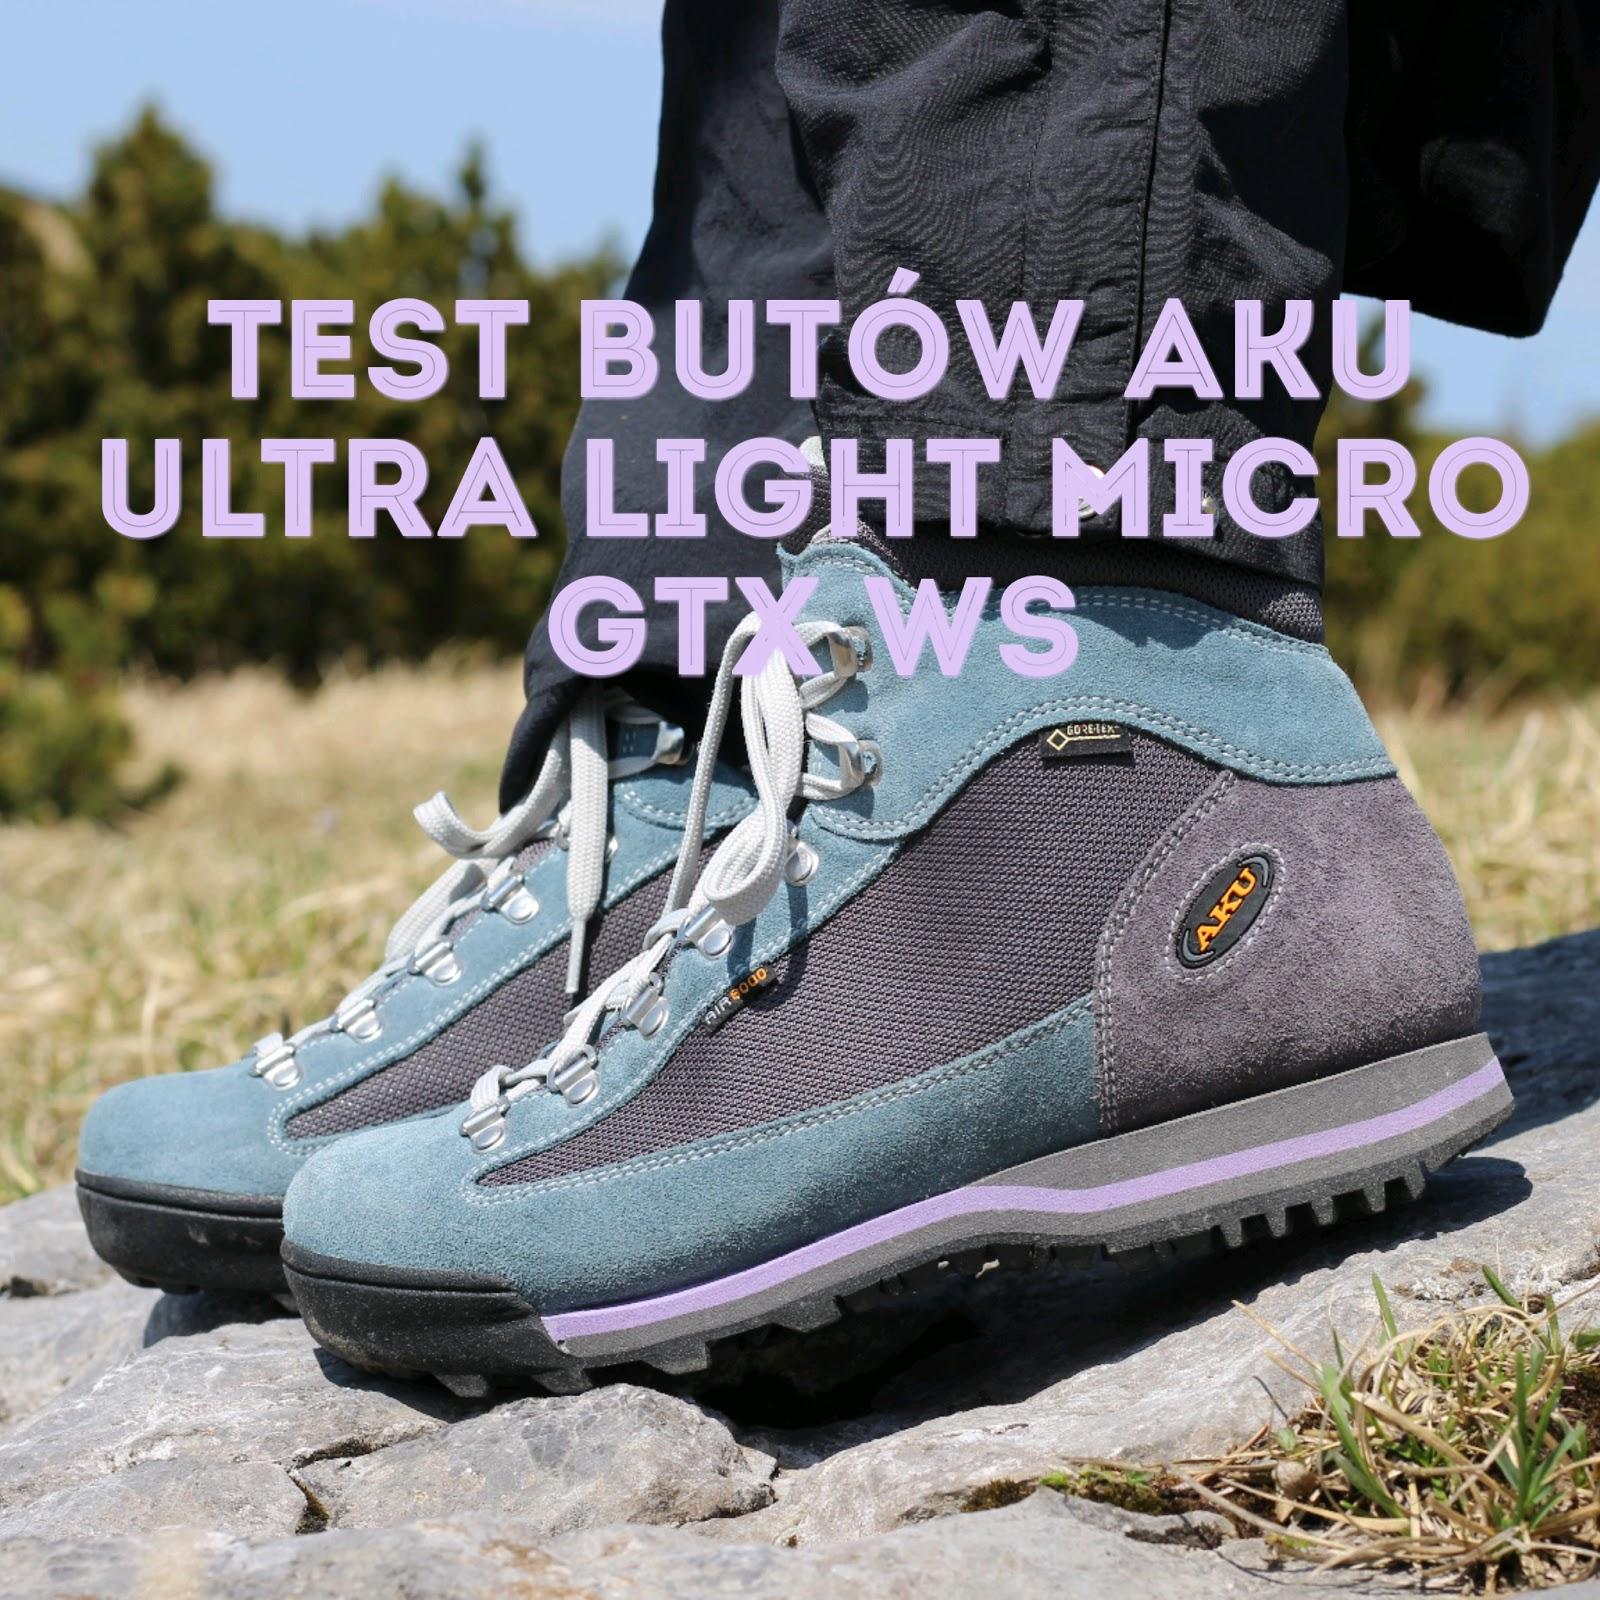 Test Butow Aku Ultra Light Gtx Ws Goromaniacy